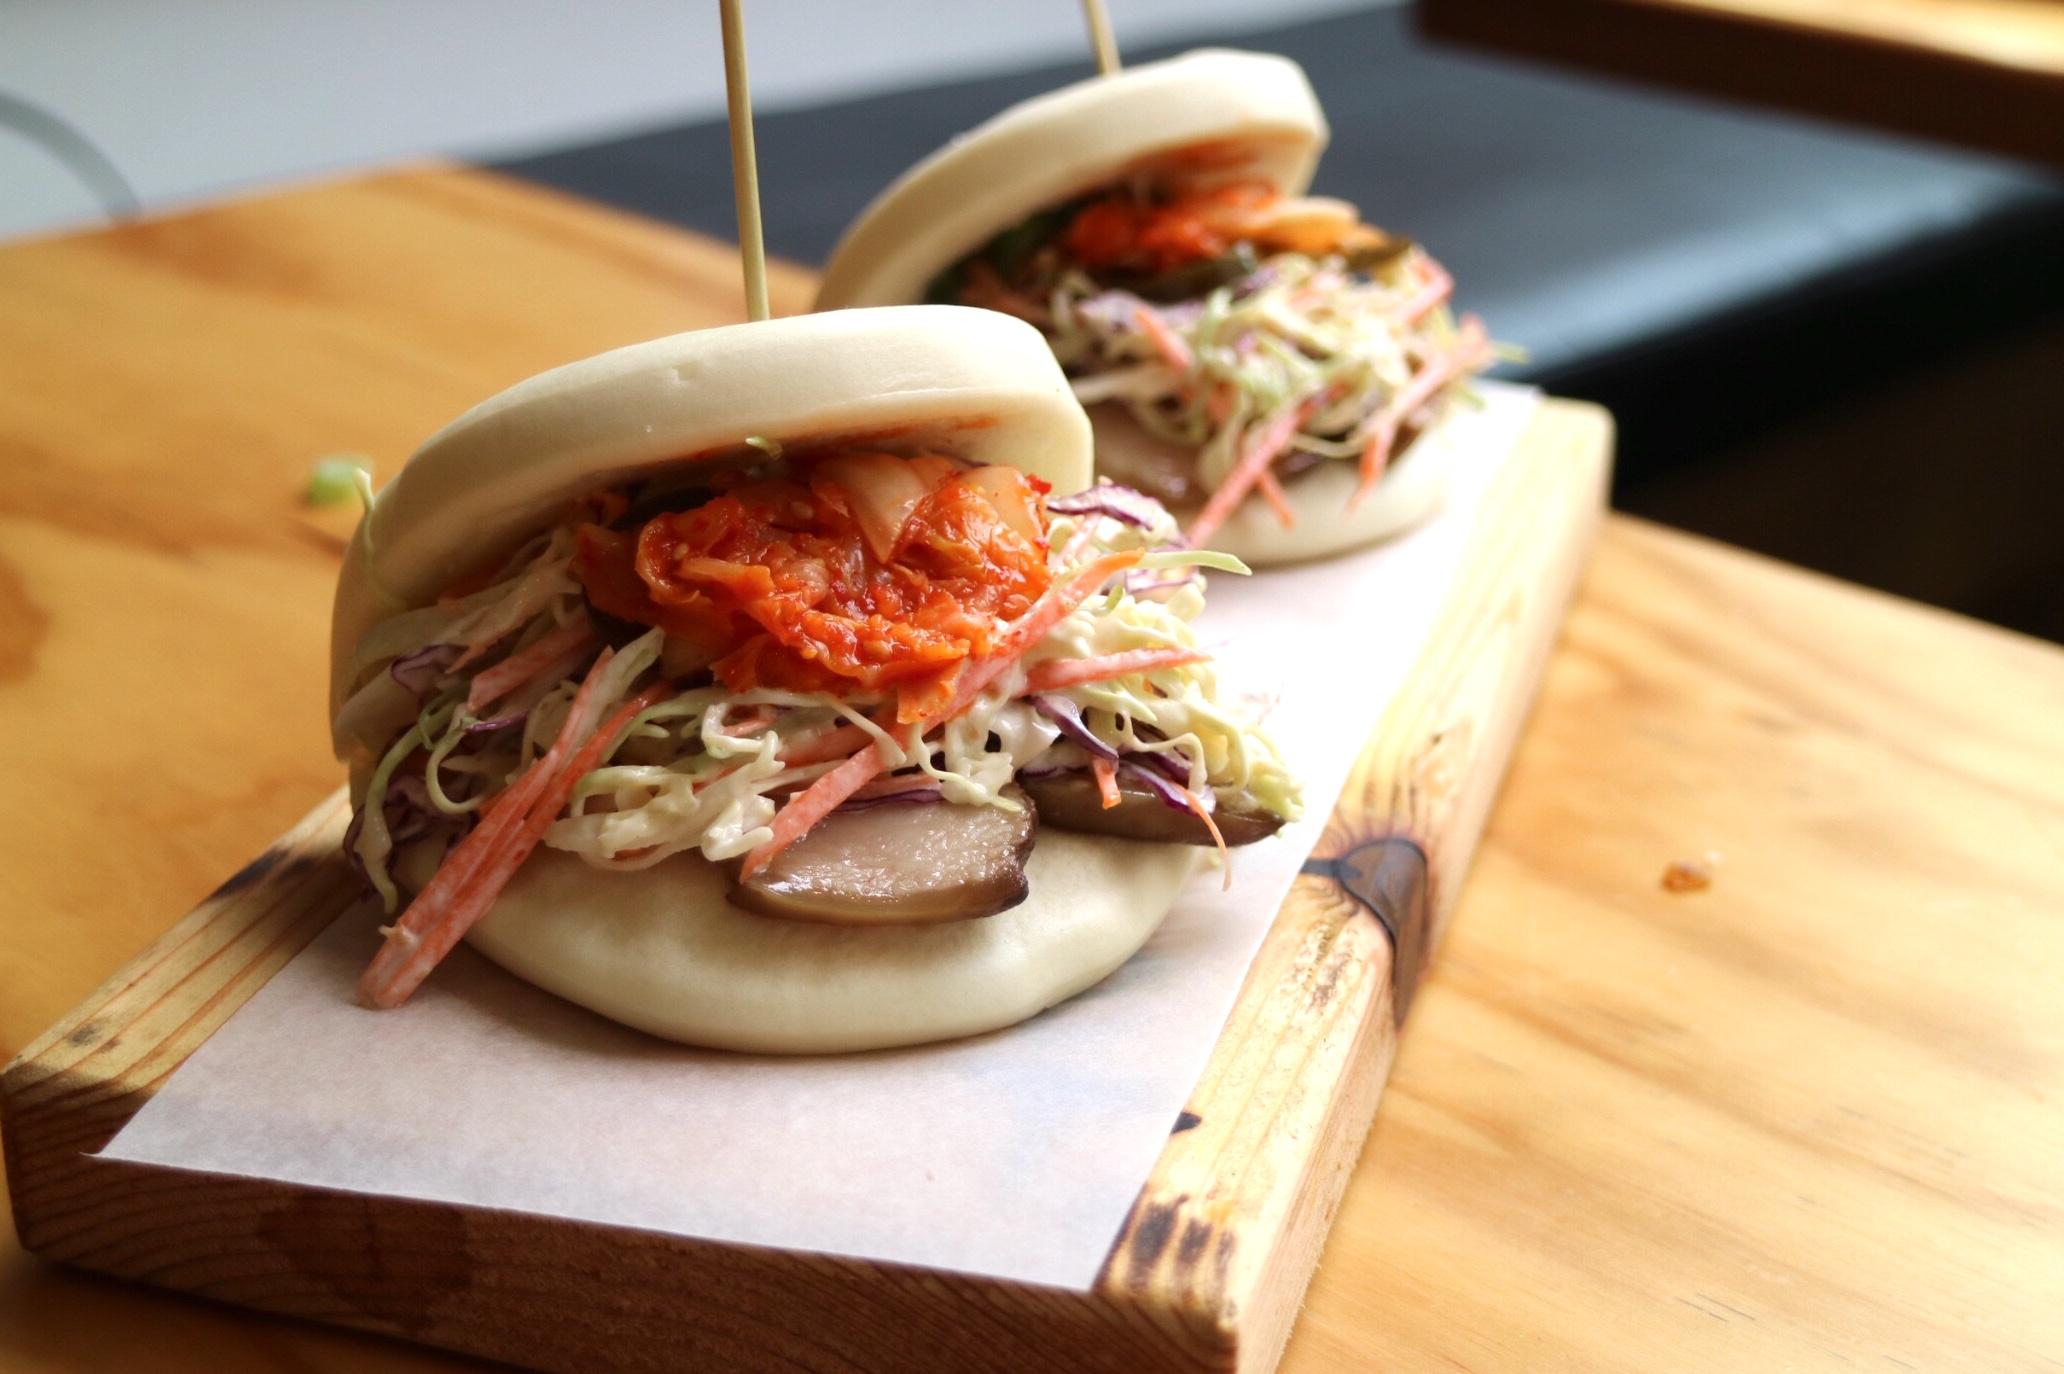 Korean Kimchi & Pork Bao-zi